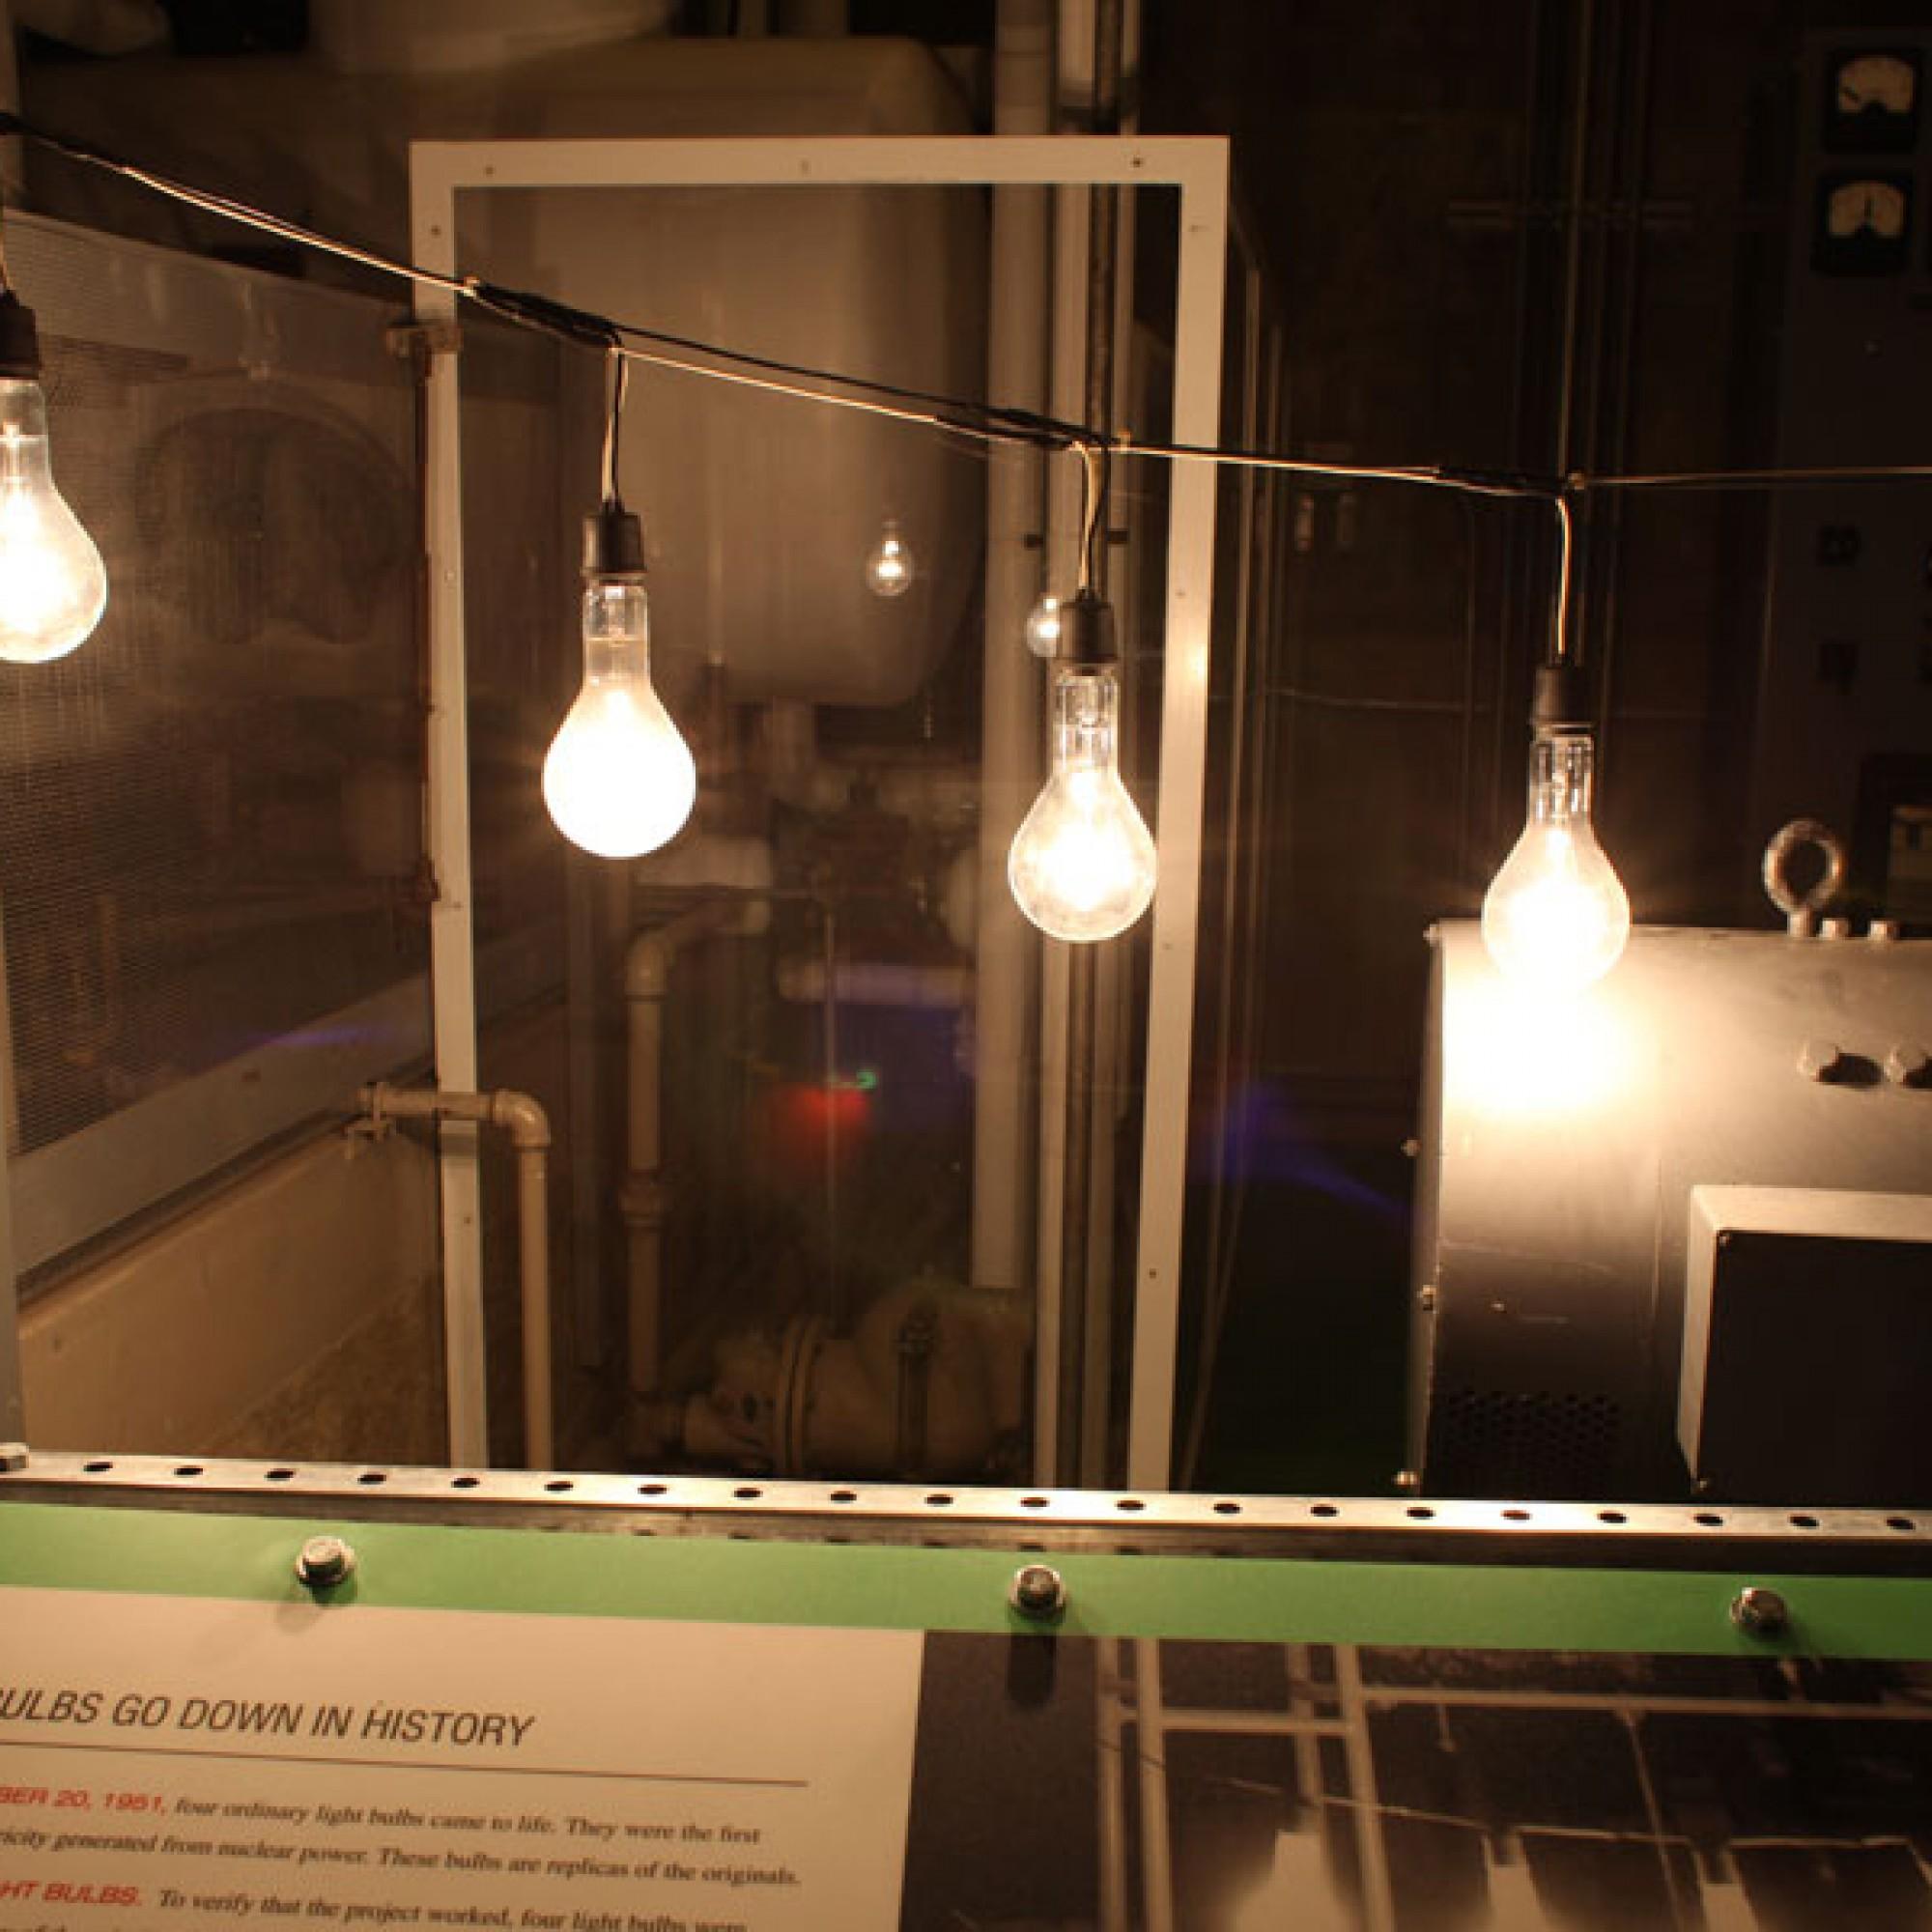 Die vier Glühbirnen, die im Dezember 1951 zu leuchten begannen. (Bild: Kelly Michals flickr CC BY-NC 2.0)